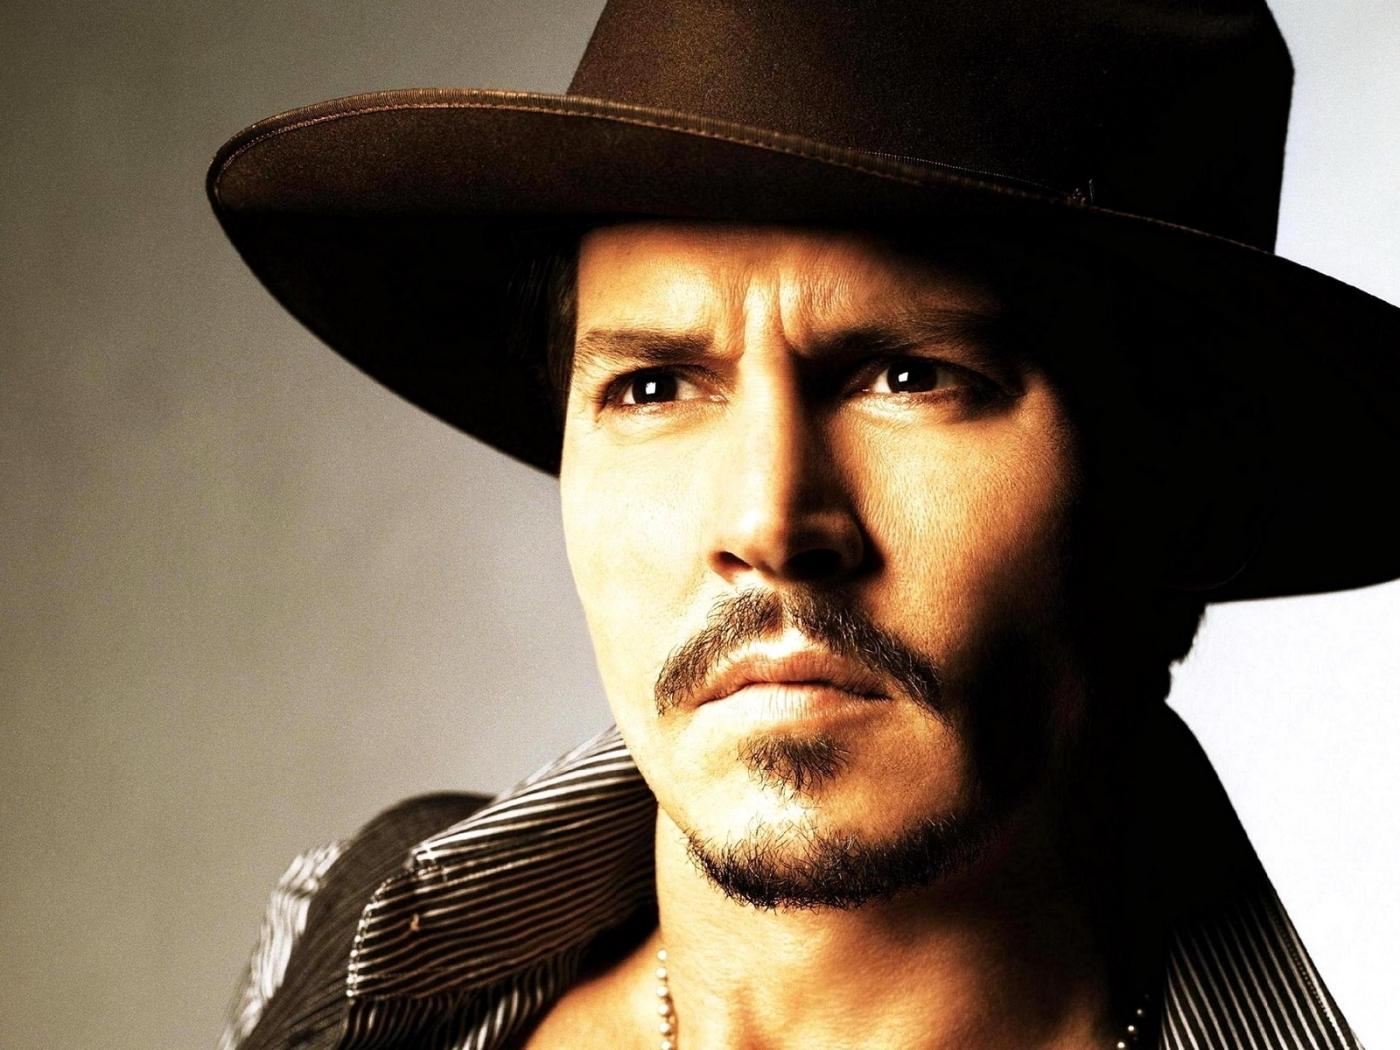 26899 скачать обои Люди, Актеры, Мужчины, Джонни Депп (Johnny Depp) - заставки и картинки бесплатно